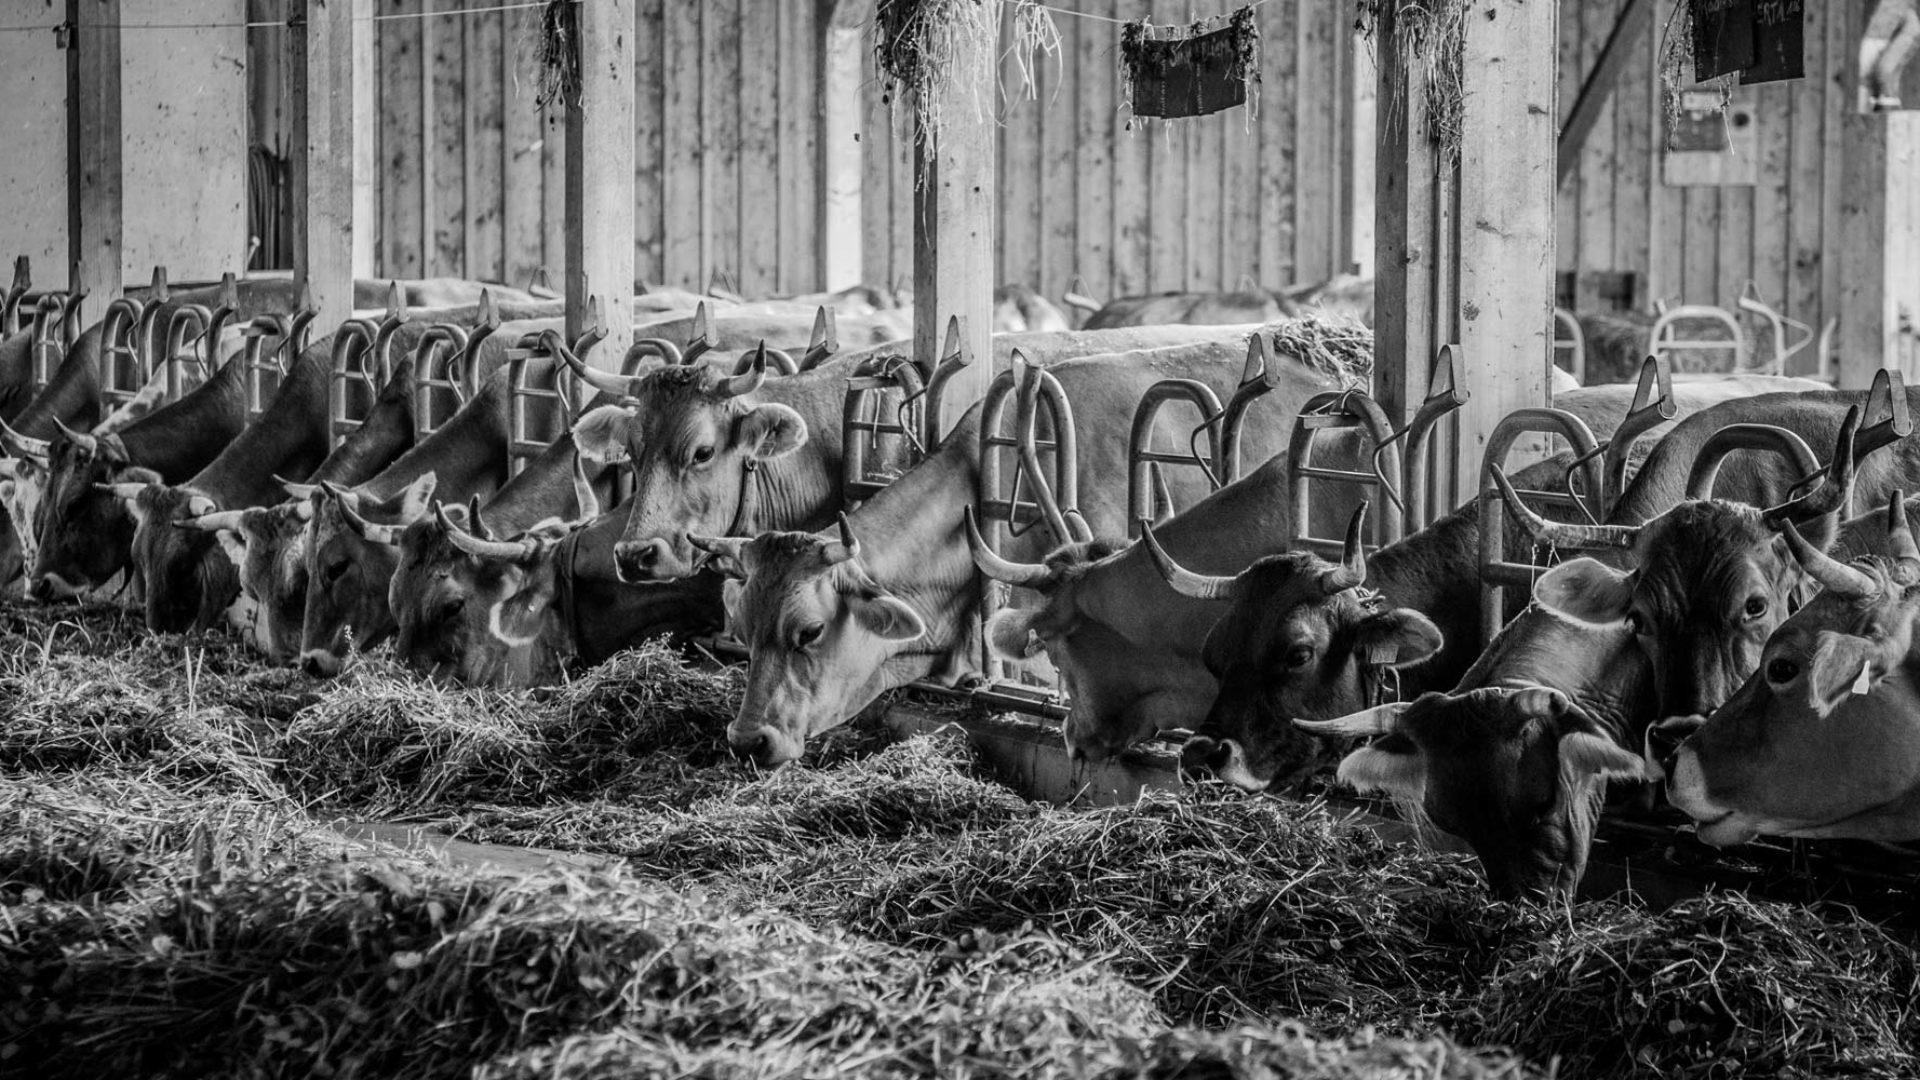 Hornkühe im Stall